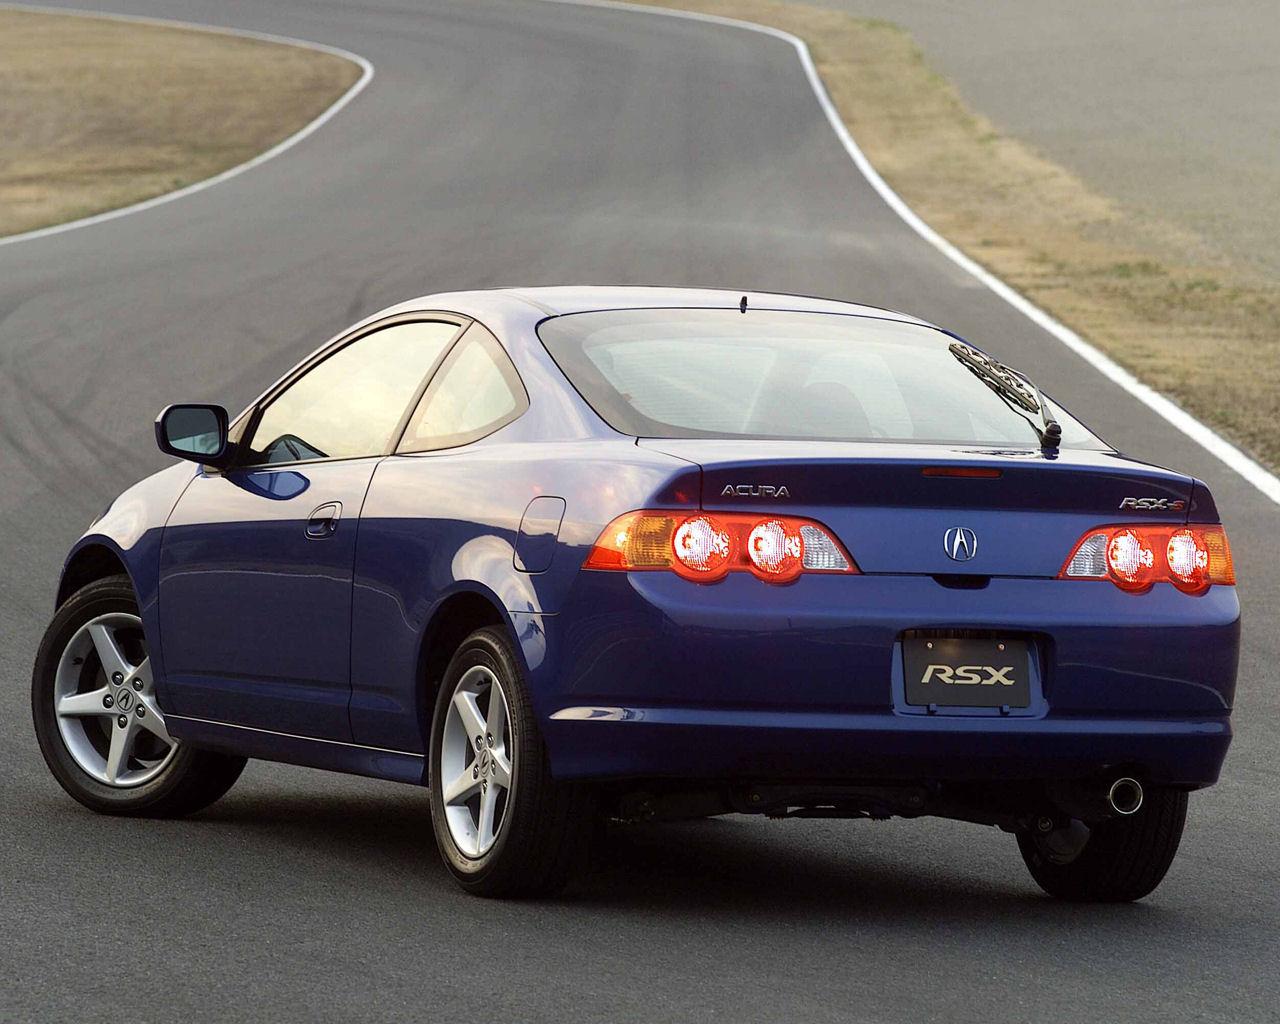 Honda Acura Integra Rsx Honda Integra Acura Rsx 1214467 Hd Wallpaper Backgrounds Download